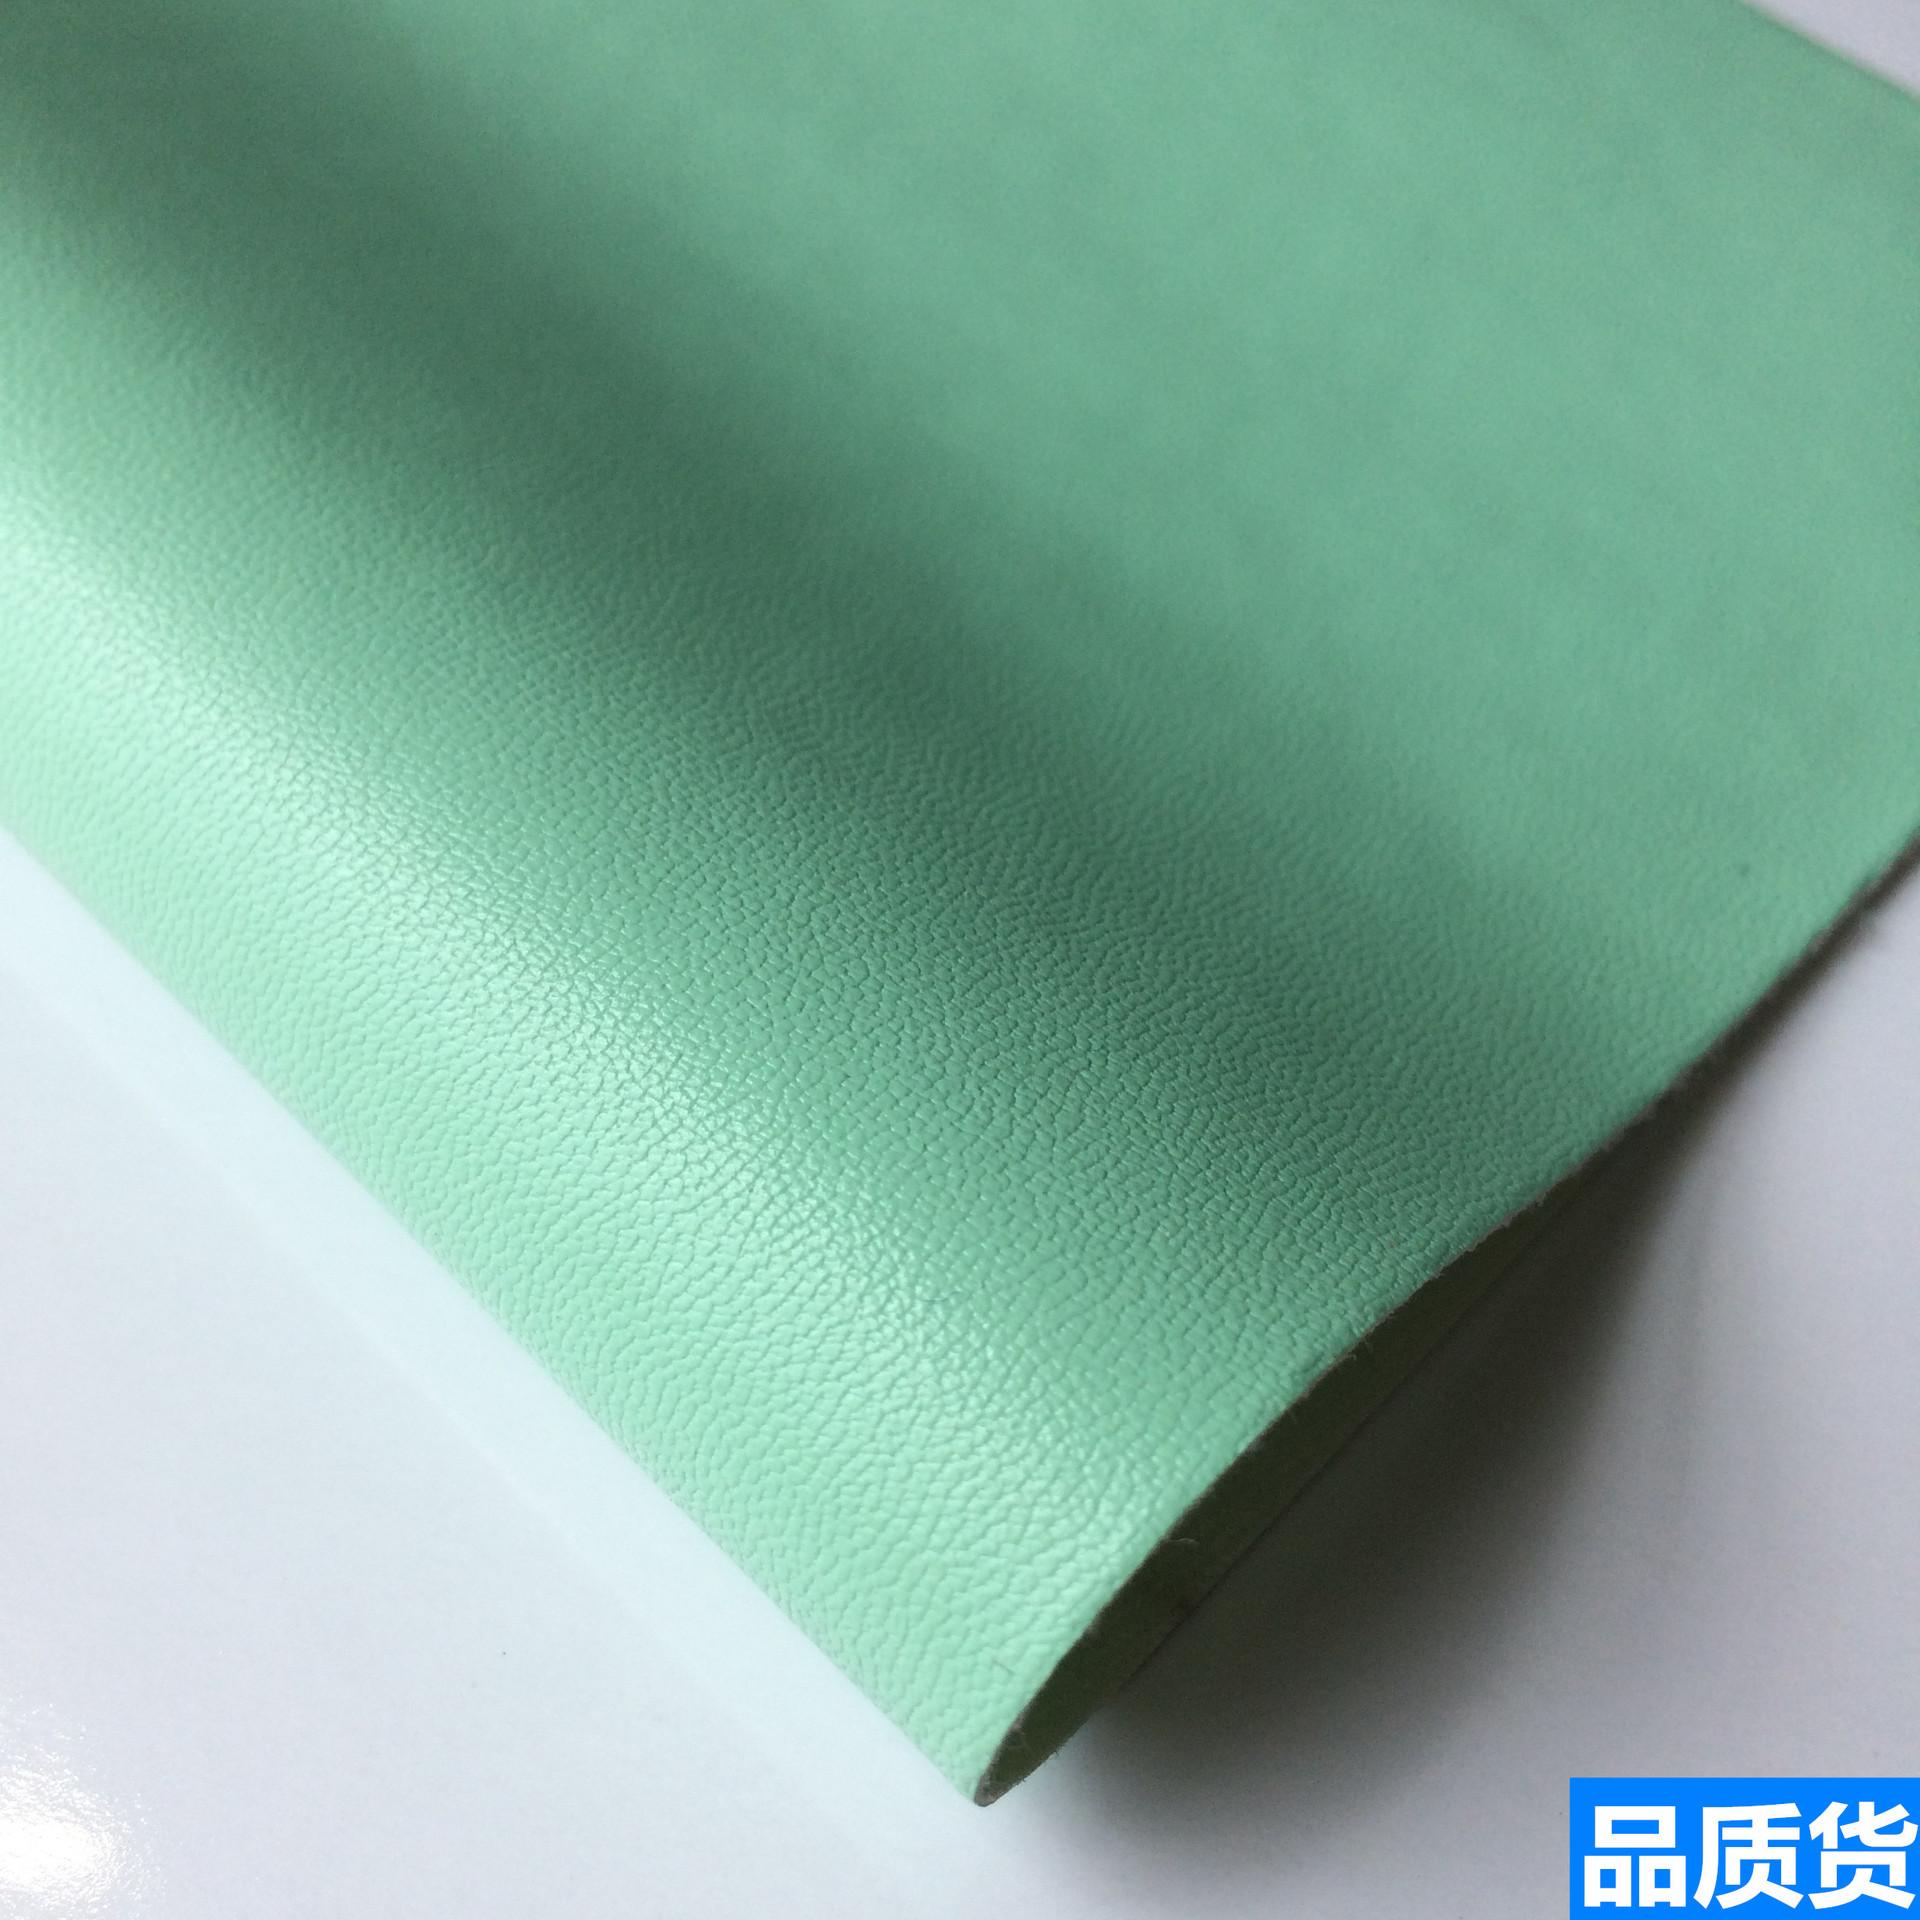 Nhà sản xuất chất lượng tại chỗ bán buôn pvc vải bao bì da vật liệu sản phẩm điện tử kính món quà hộ